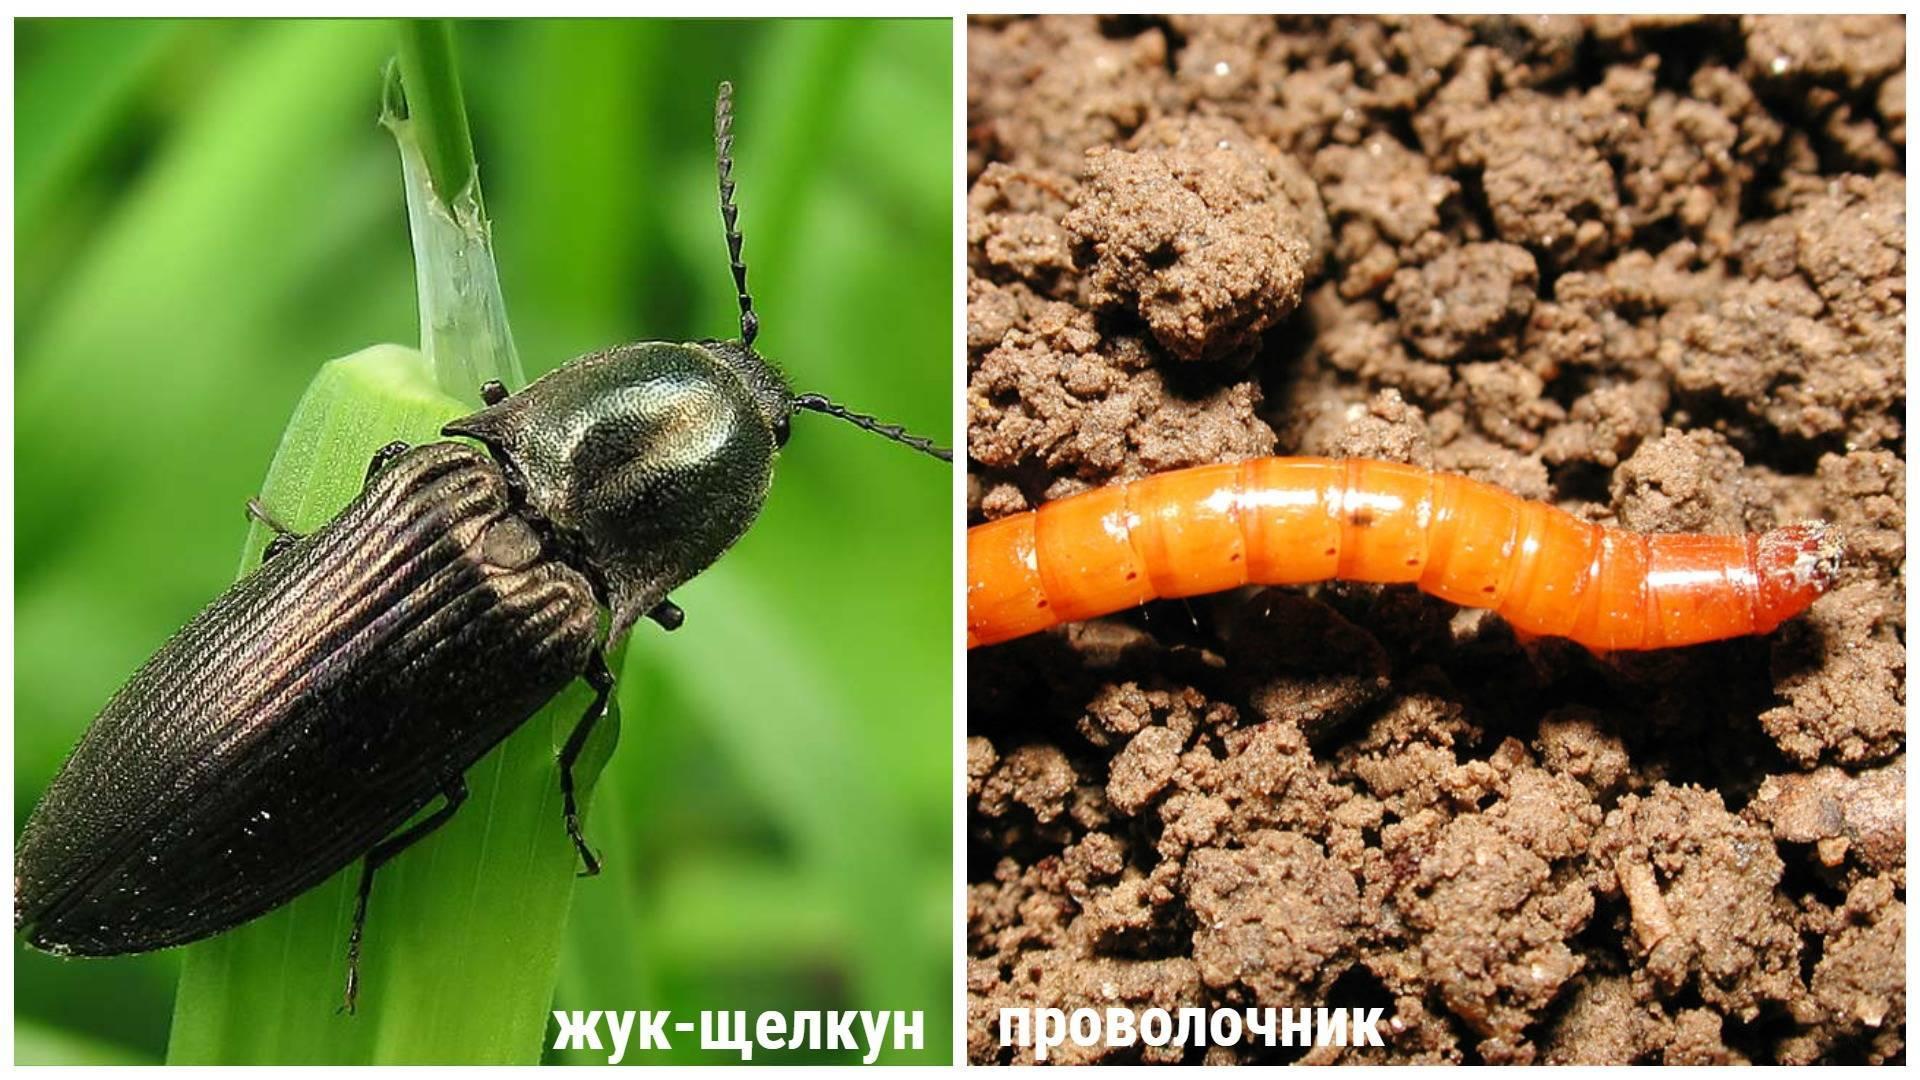 Как избавиться от жука щелкуна народными средствами и препаратами, меры борьбы